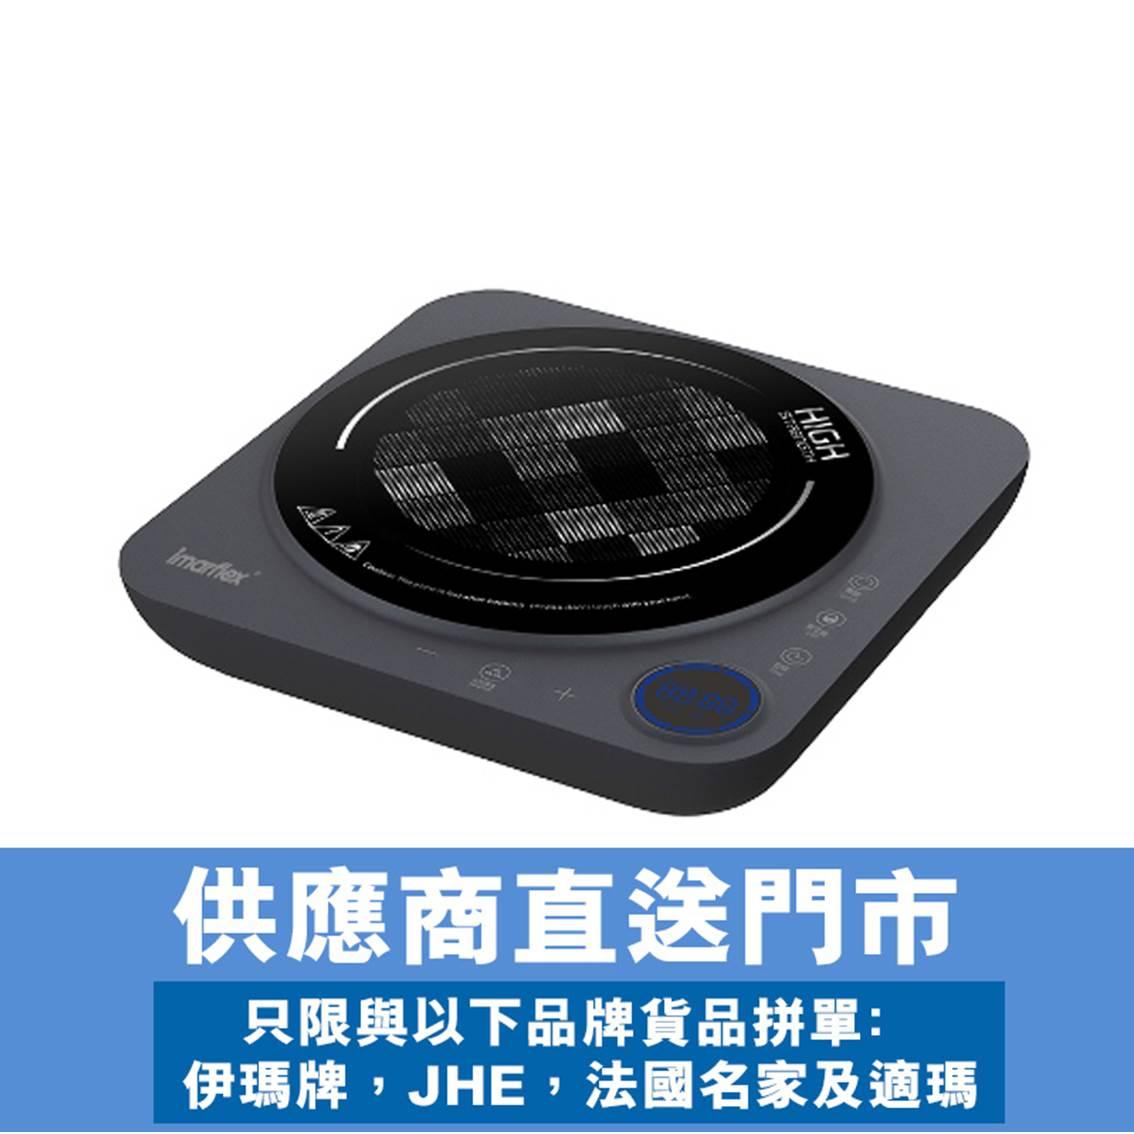 伊瑪輕觸式電磁爐2100W